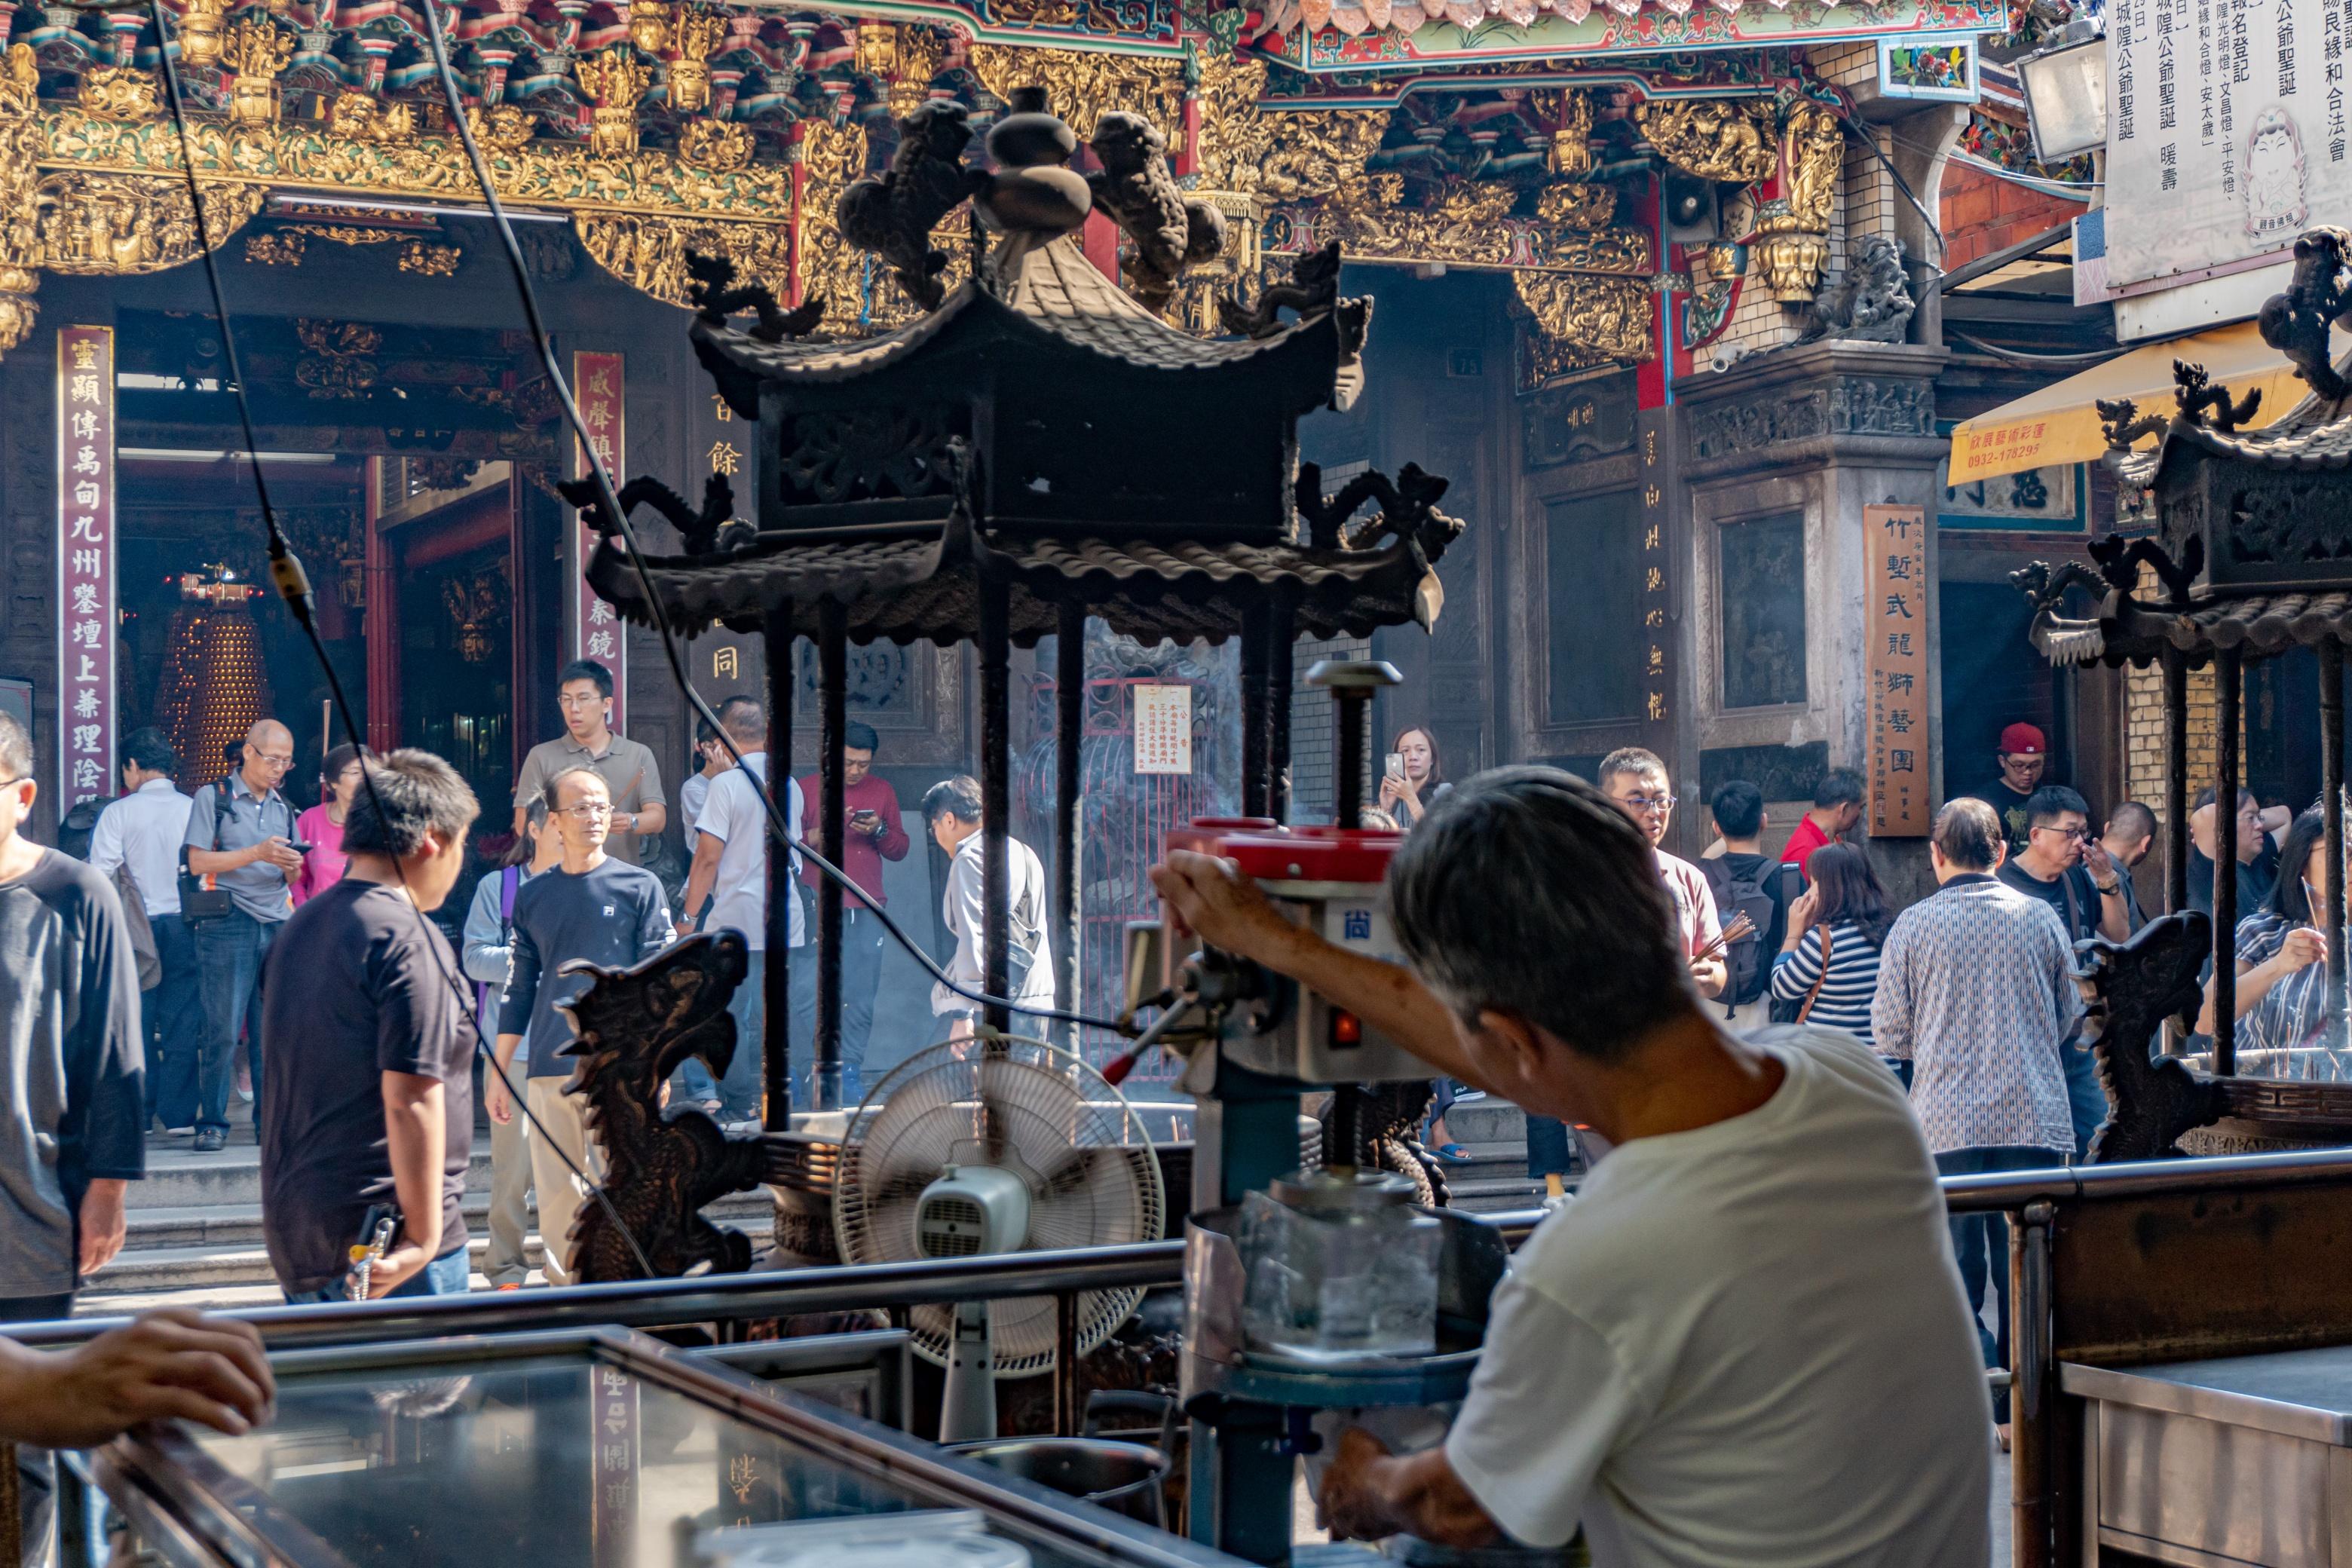 新竹・城隍廟|不談廟口美食小吃,你還知道新竹城隍廟多少?